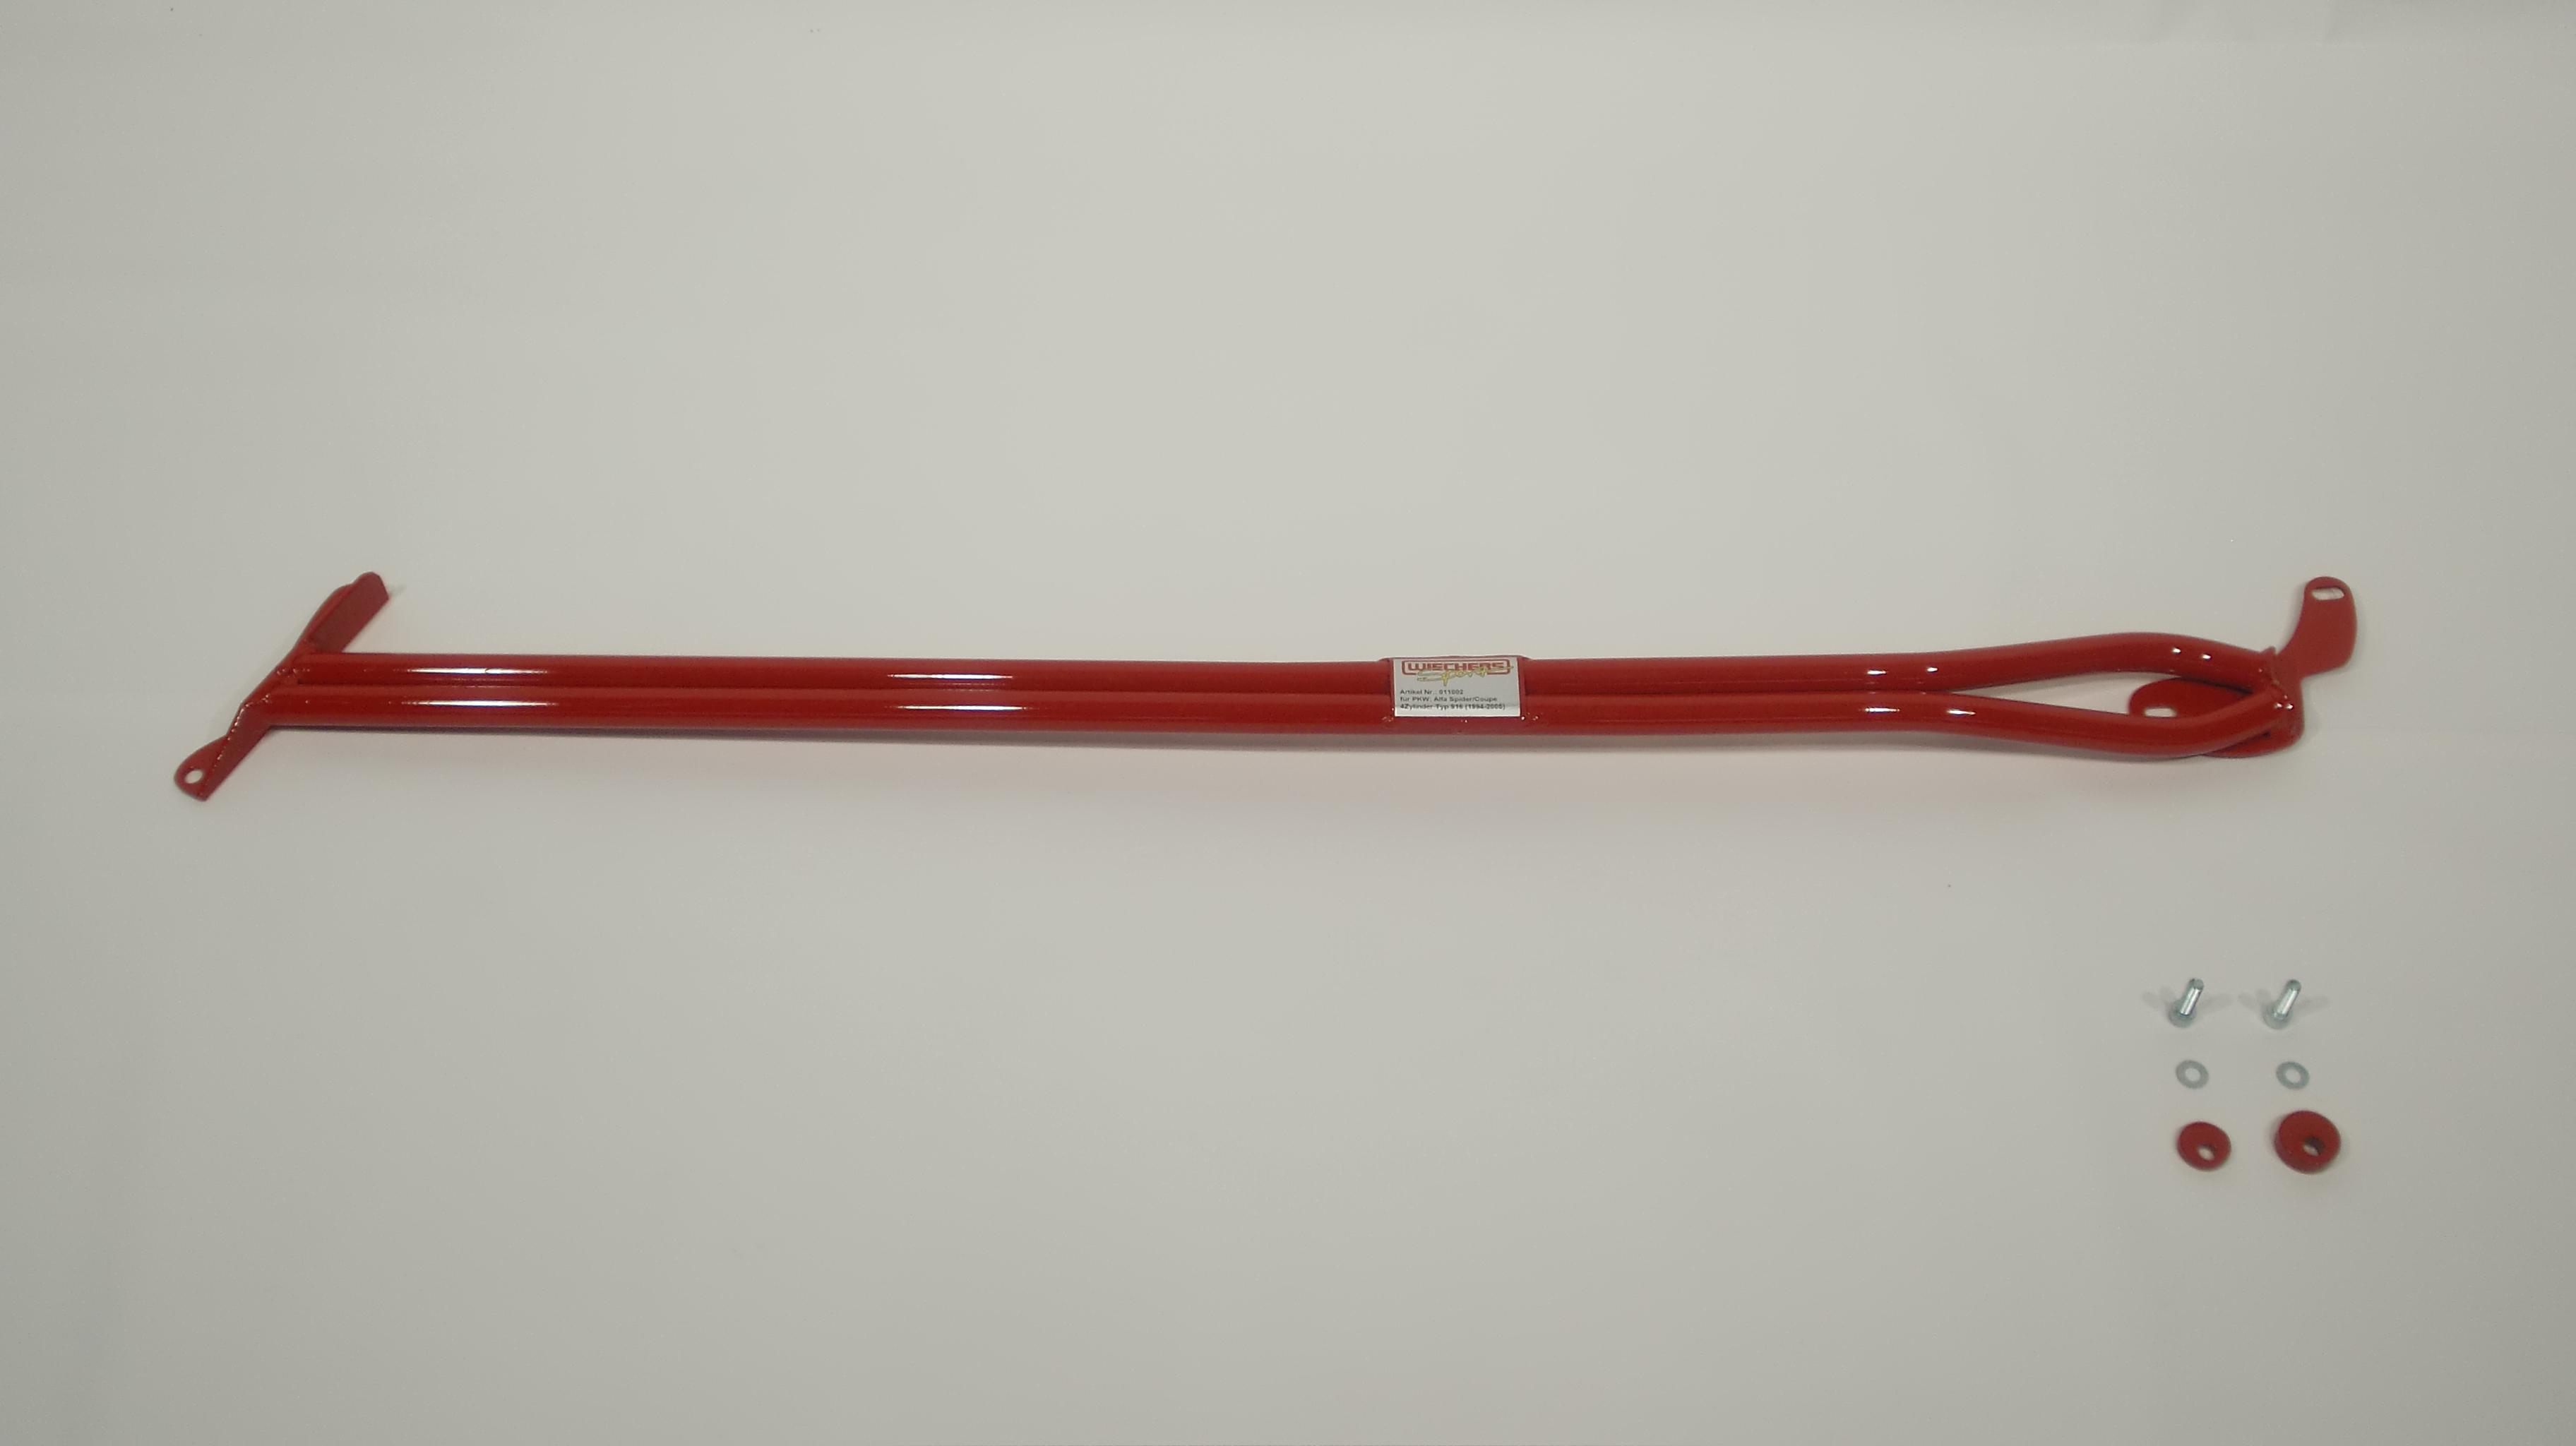 Wiechers 011002 Domstrebe Stahl vorne oben für Alfa Spider / Coupé Typ 916